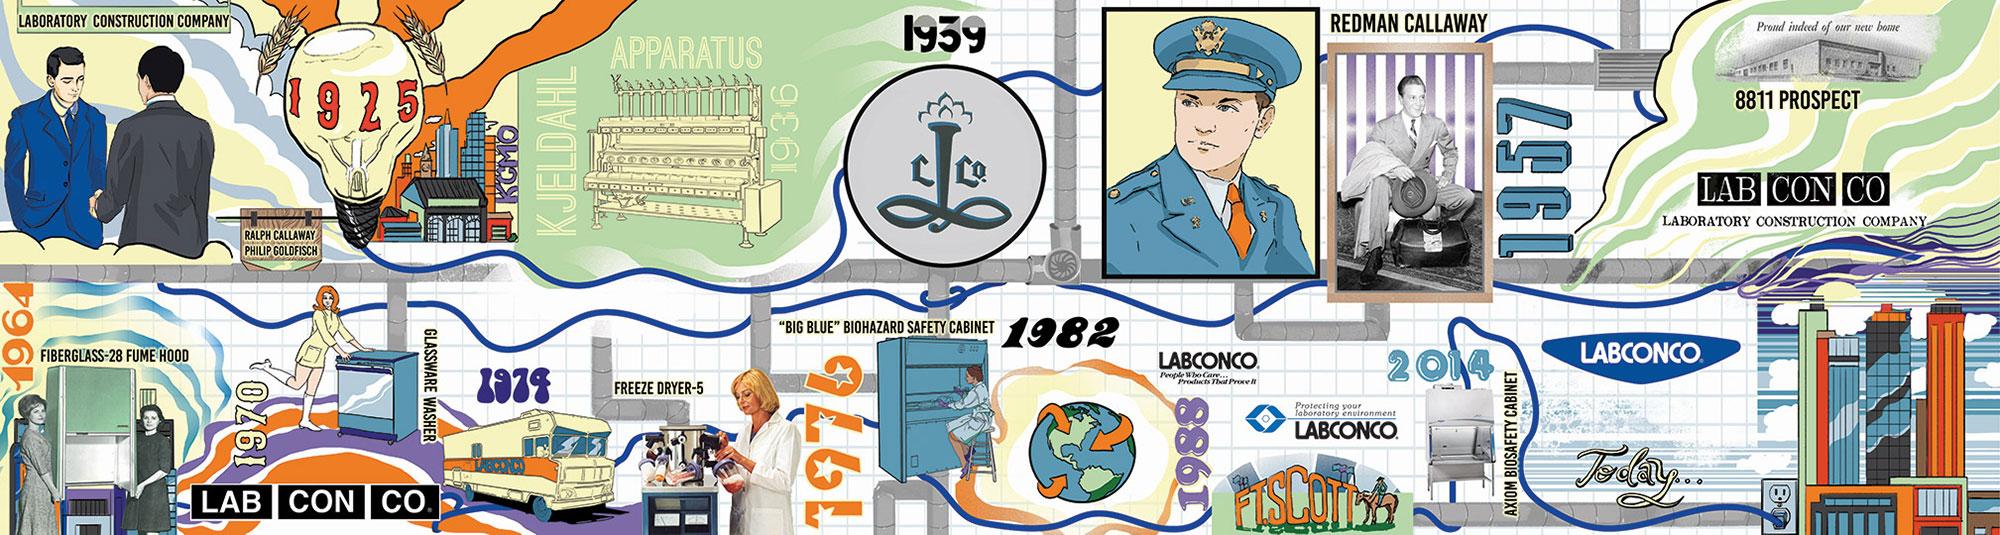 Labconco-mural-art-for-web.jpg